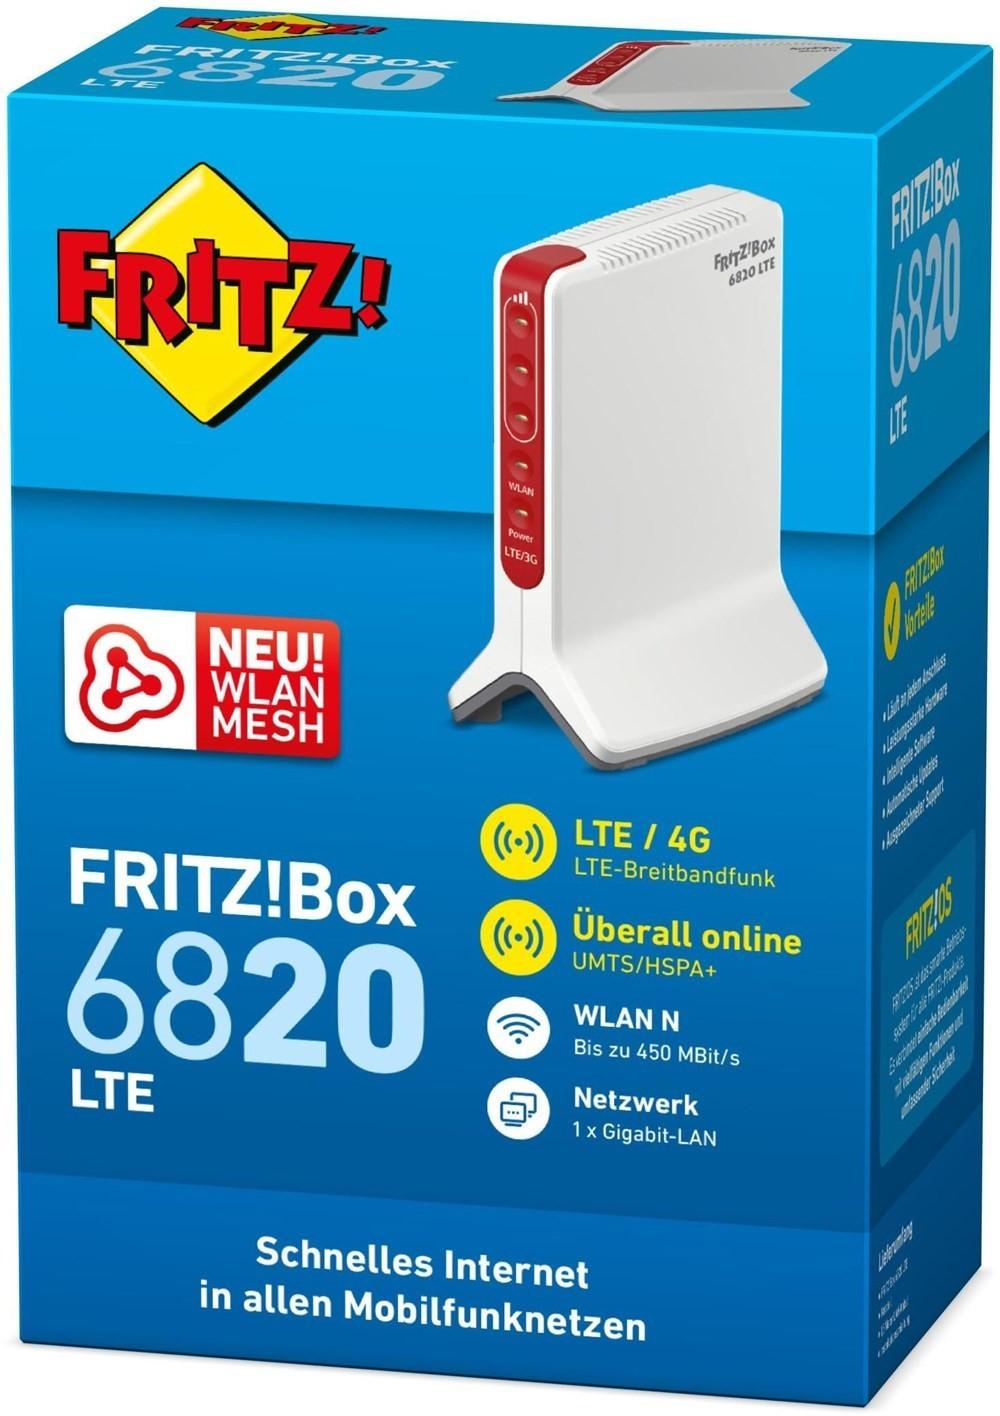 AVM FRITZ!Box 6820 LTE - WLAN N Router bis zu 450 Mbit/s, LTE-Mobilfunk für 112,97€ inkl. Versandkosten